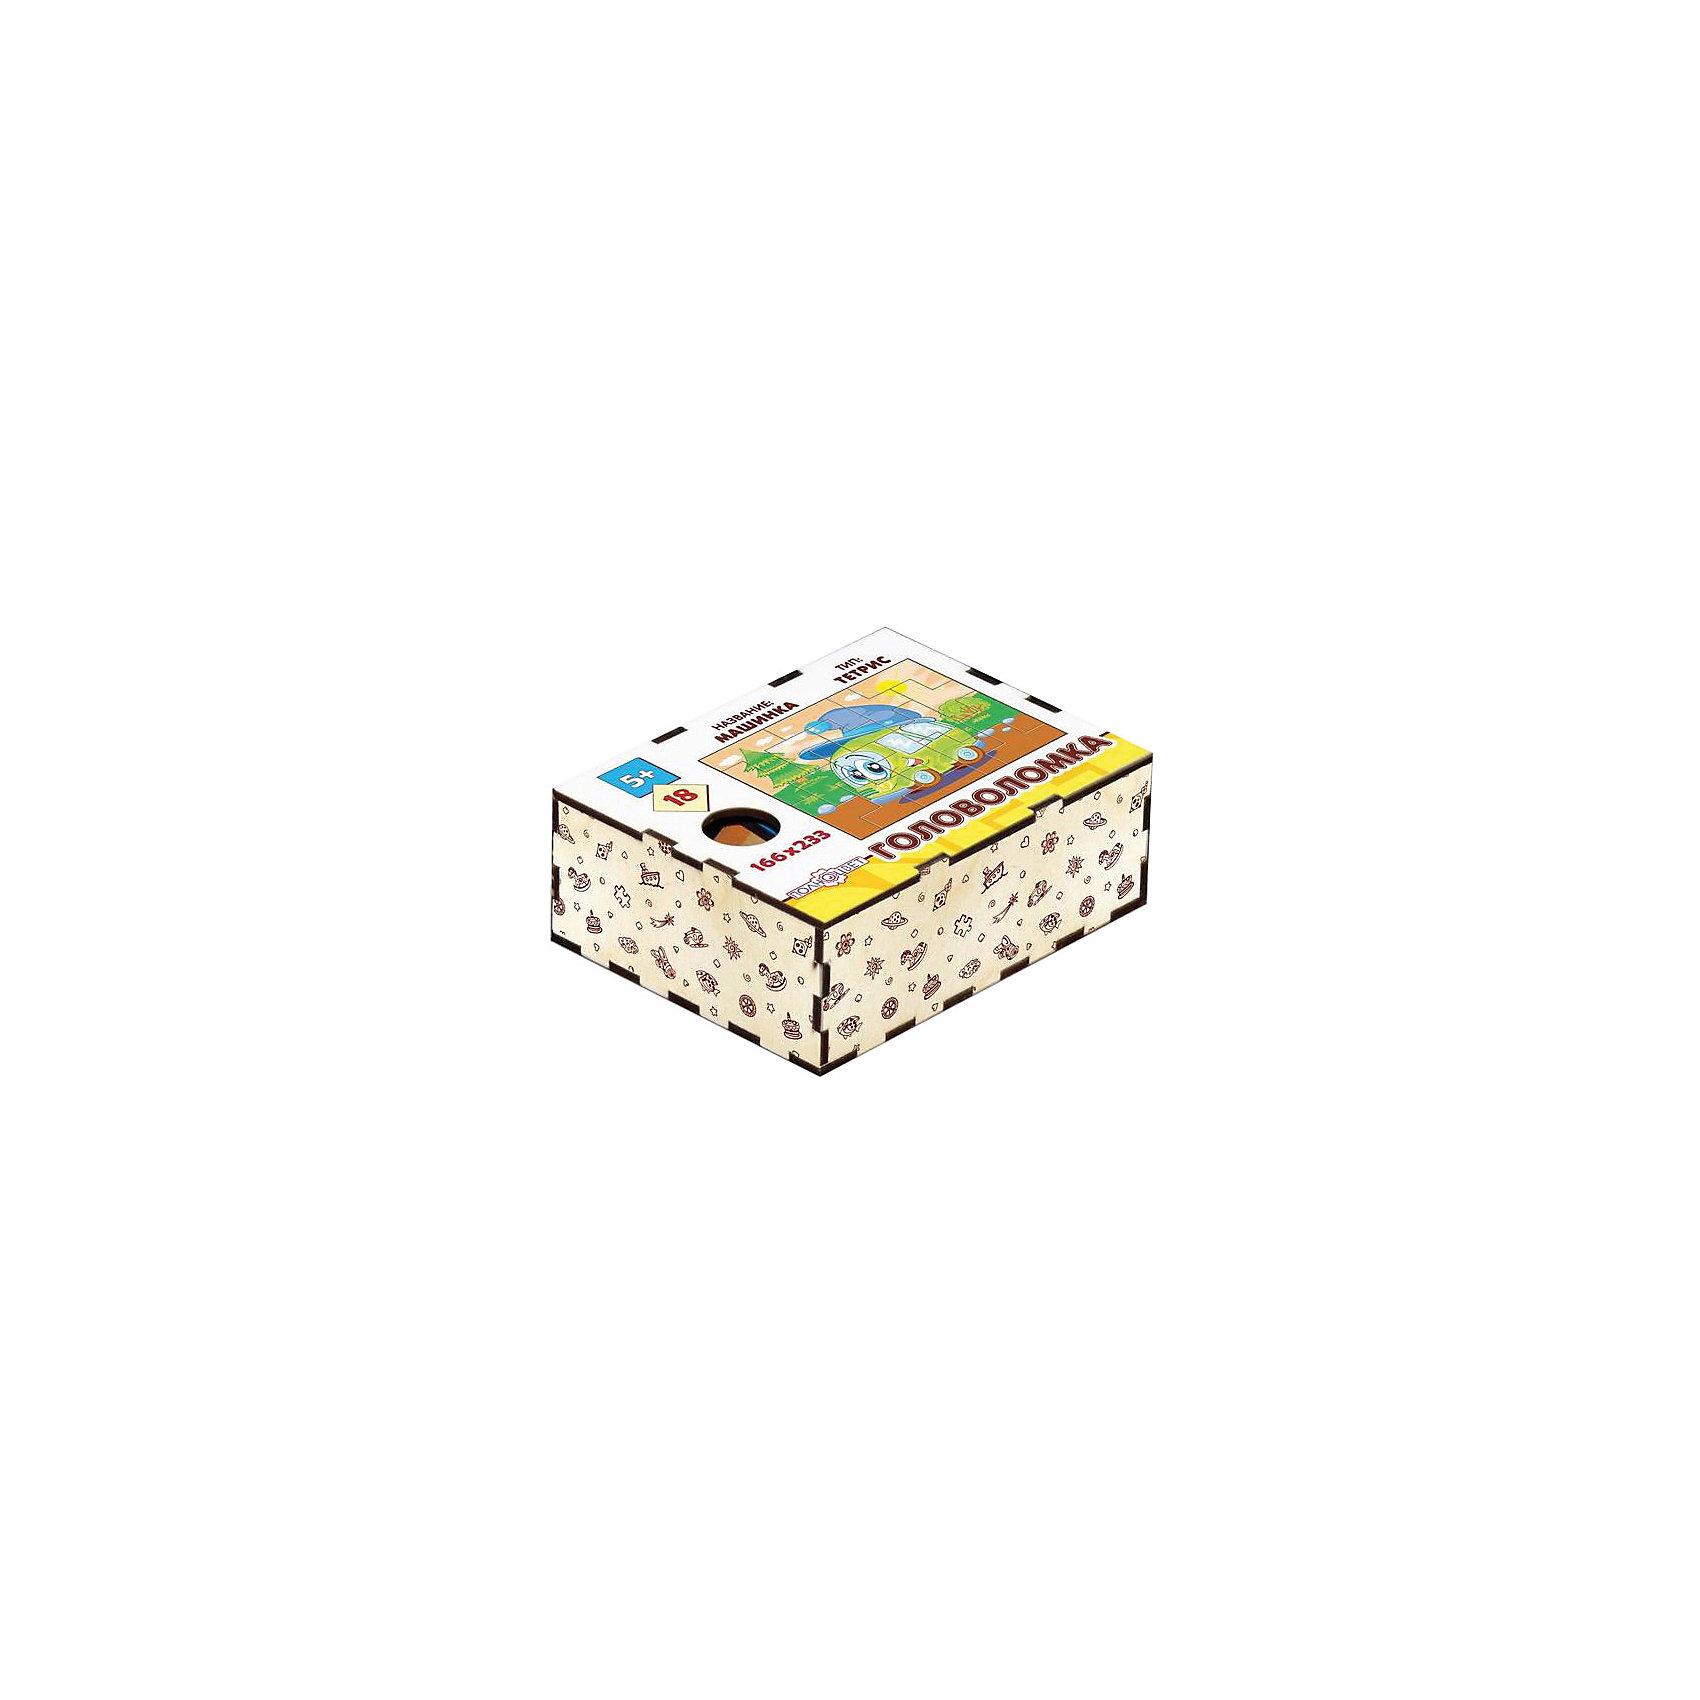 Головоломка Тетрис.Машинка, ПолноцветДеревянные головоломки<br>Характеристики:<br><br>• возраст: от 5 лет;<br>• количество деталей: 18;<br>• материал: фанера березовая шлифованная ФК, 3 мм;<br>• размер головоломки: 16,6х23,3х0,3 см;<br>• вес: 150 г;<br>• краска: УФ краска;<br>• тип упаковки: деревянная коробка открытого типа, термоусадка.<br><br>Интересный пазл из деталей необычной формы, как в игре «Тетрис», надолго увлечет малышей. Мальчикам и девочкам потребуется проявить максимум внимательности и усидчивости, чтобы собрать красочную картинку с машинкой.<br><br>Деревянная головоломка с высококачественной печатью имеет высокий срок службы. <br><br>Игрушка рекомендована для детских садов и центров, а также для домашнего использования.<br><br>Головоломку «Тетрис. Машинка», Полноцвет можно приобрести в нашем интернет-магазине.<br><br>Ширина мм: 30<br>Глубина мм: 230<br>Высота мм: 170<br>Вес г: 150<br>Возраст от месяцев: 36<br>Возраст до месяцев: 2147483647<br>Пол: Унисекс<br>Возраст: Детский<br>SKU: 7025962